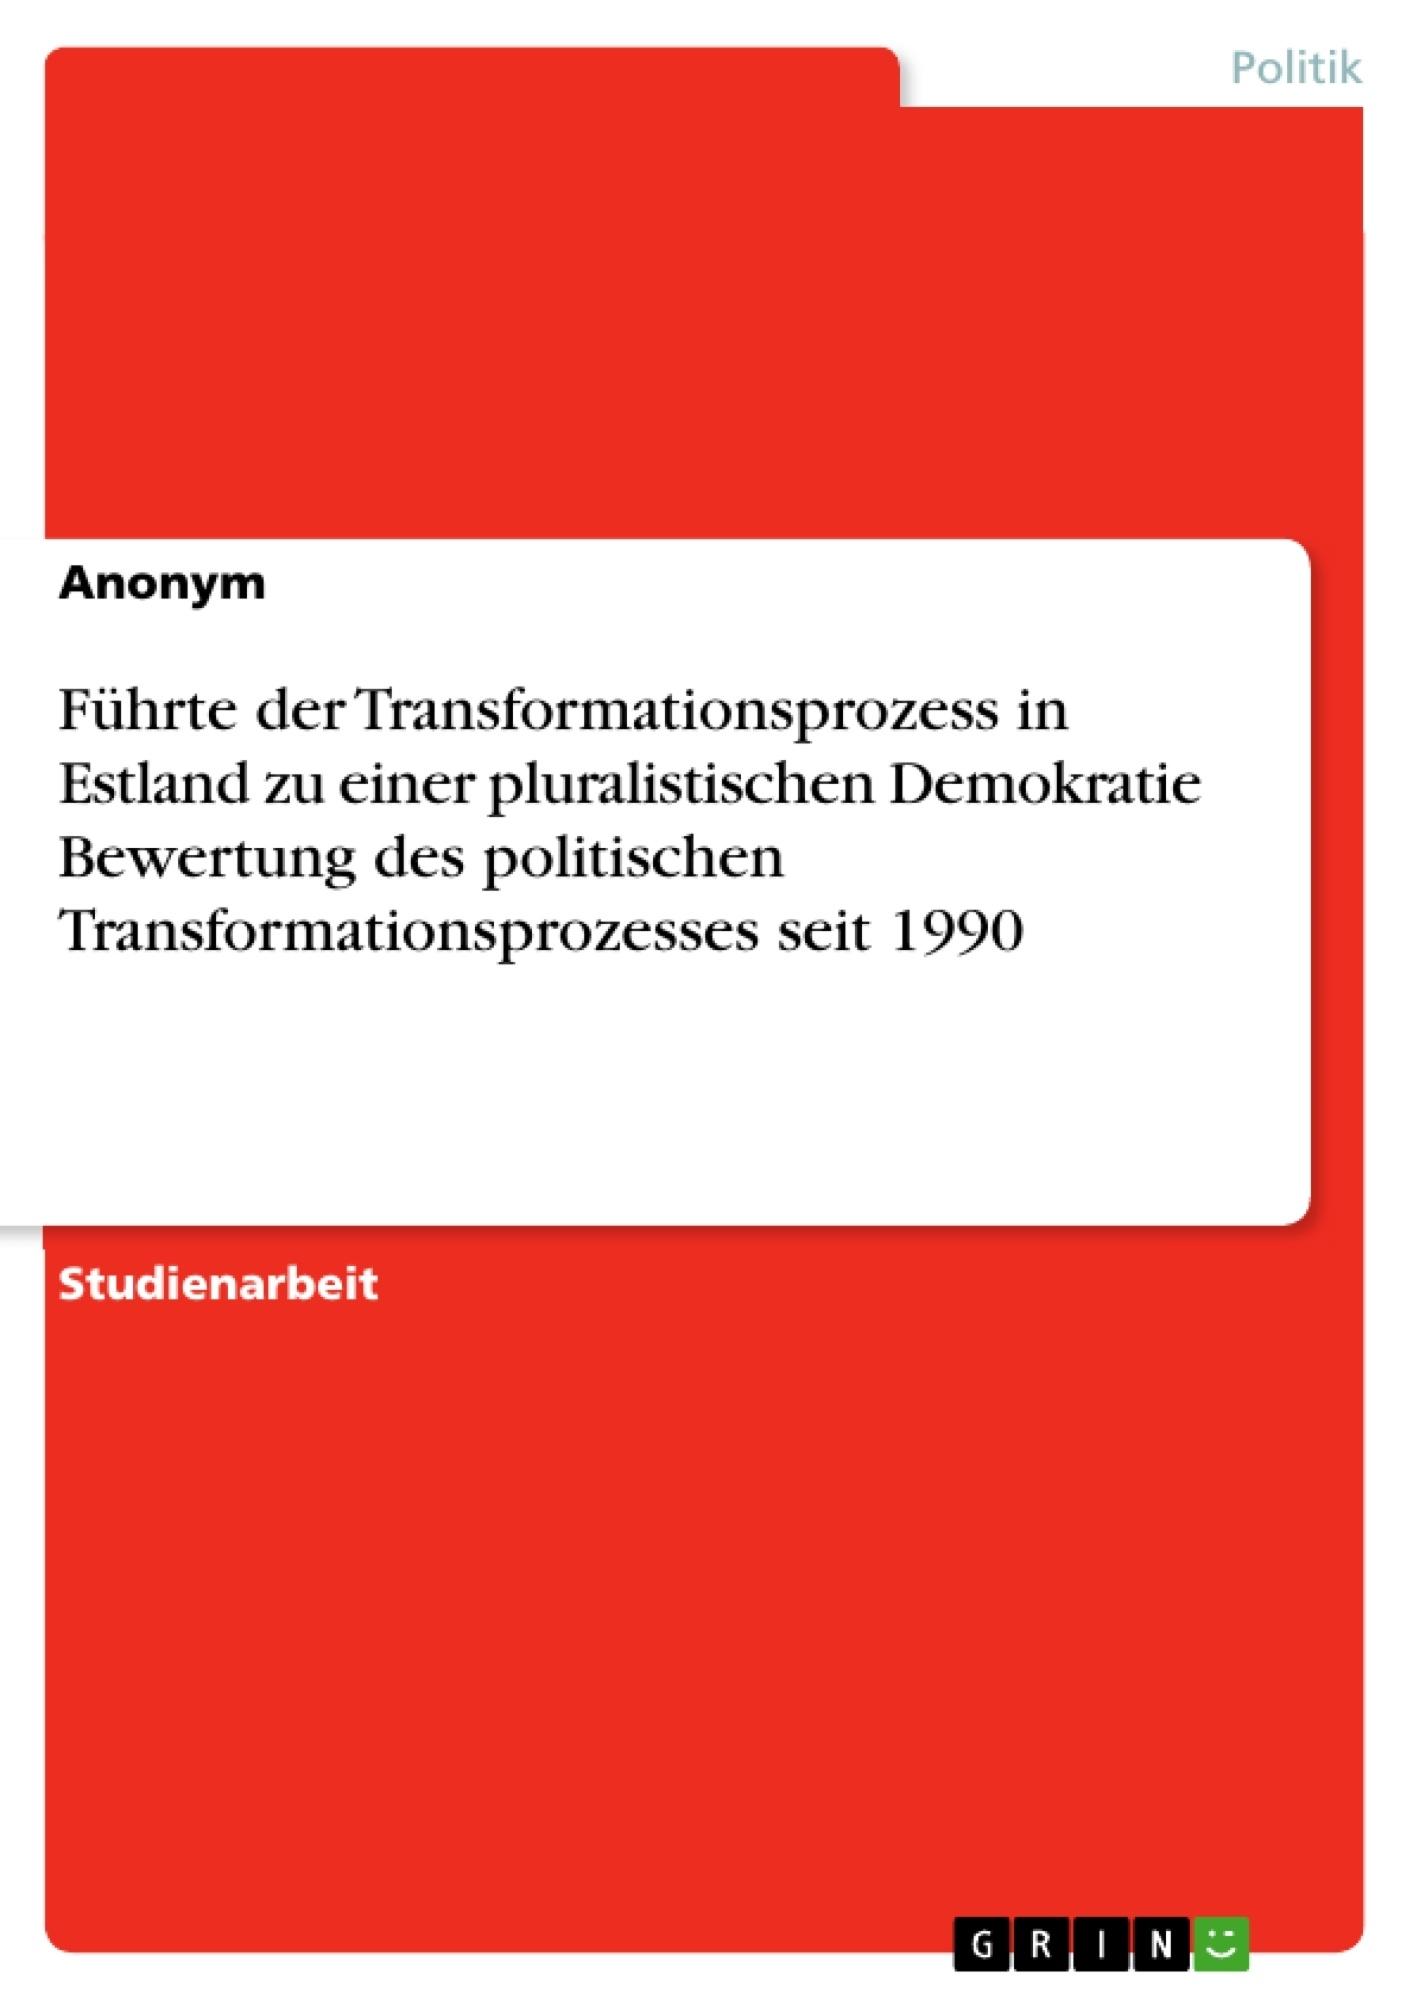 Titel: Führte der Transformationsprozess in Estland zu einer pluralistischen Demokratie Bewertung des politischen Transformationsprozesses seit 1990